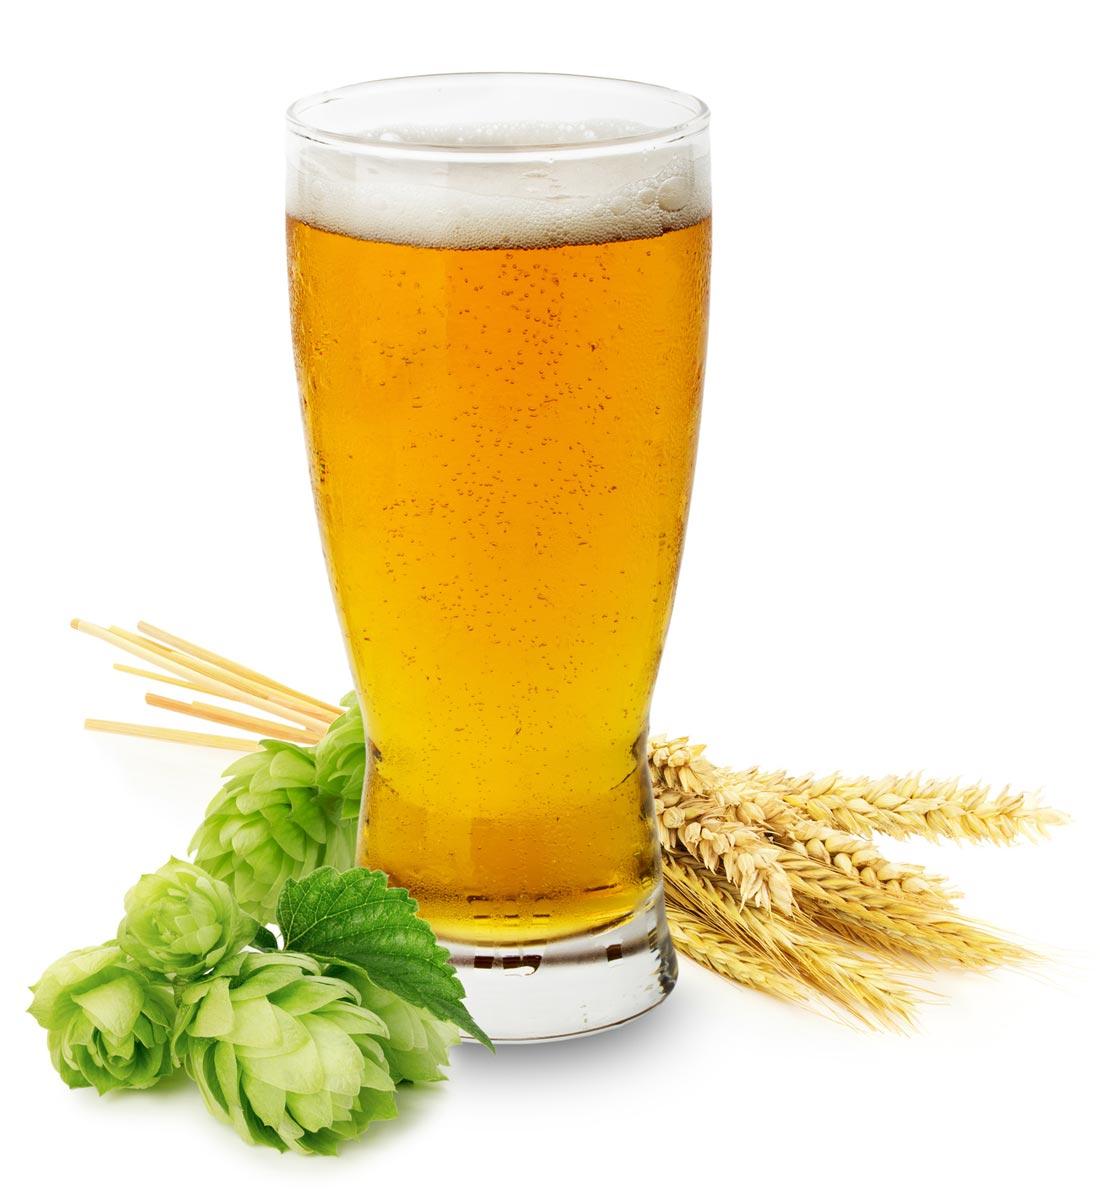 Pivo pre vlasy poslúži ako tužidlo aj na zvýšenie lesku vlasov.